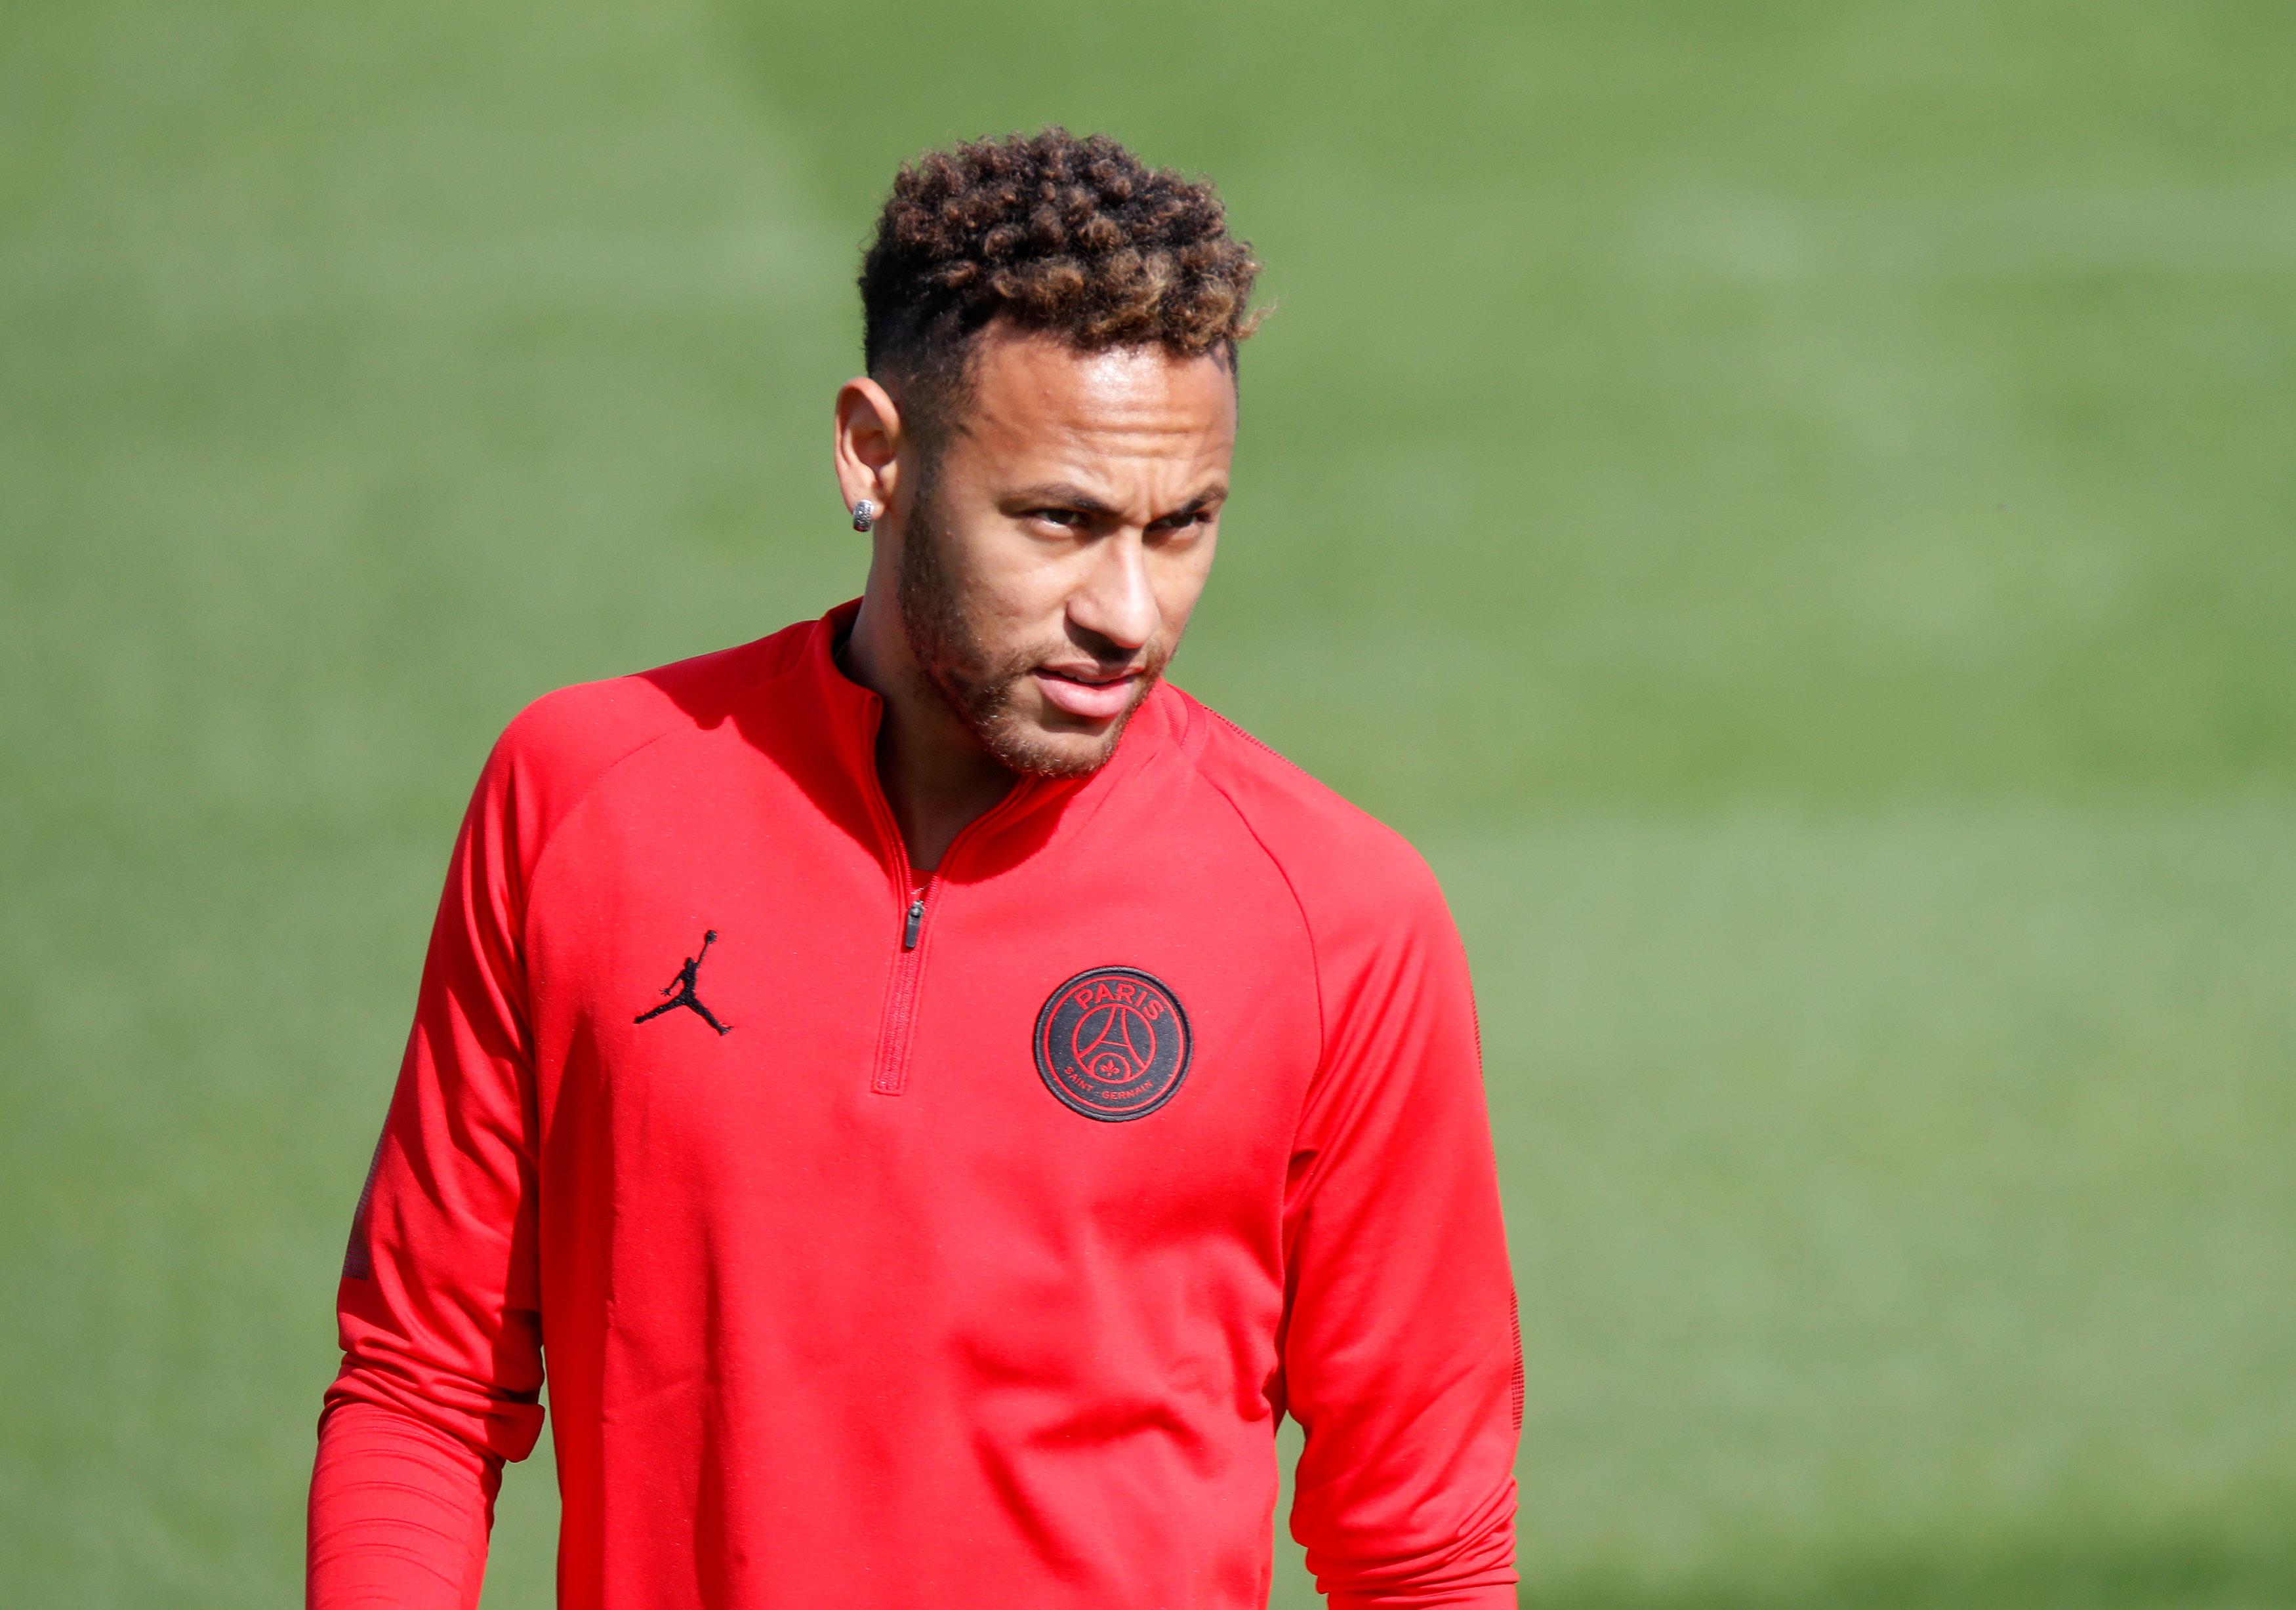 Football - Transferts - PSG : après la polémique, Neymar (enfin) de retour à l'entraînement